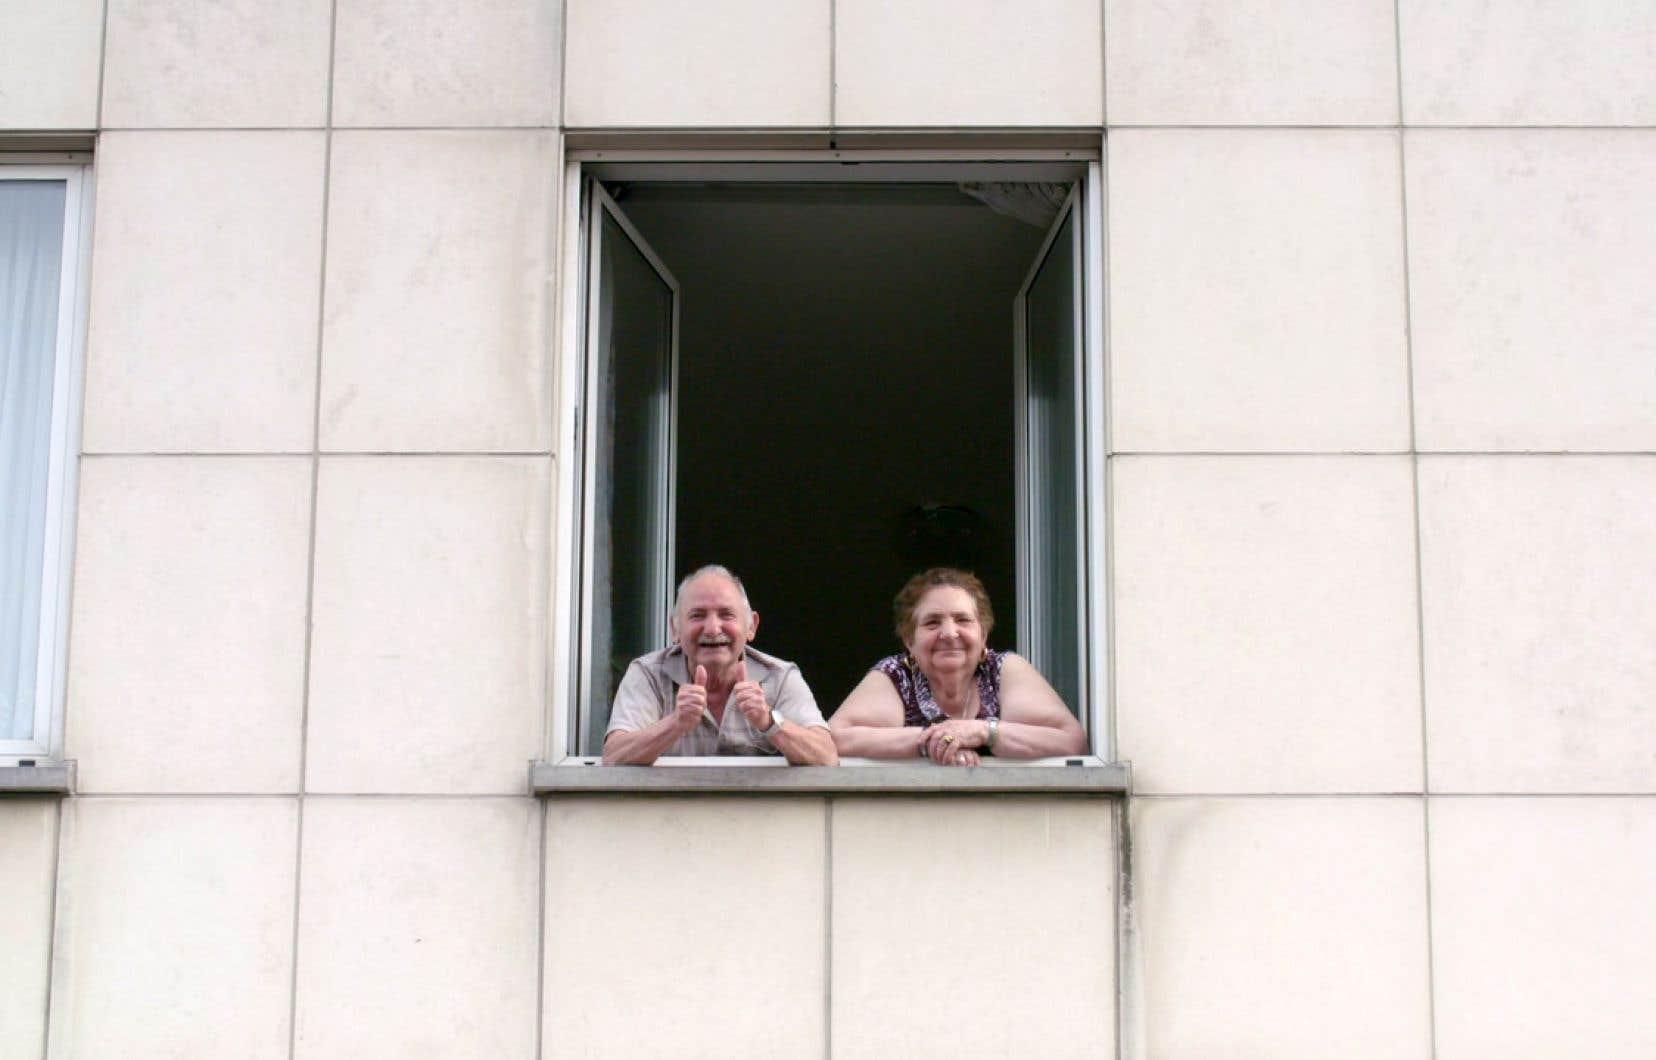 Les Français sont raides dingues des Belges! En tout cas, c'est ce qu'avancent les réalisateurs Marc Ball et Gilles Dal dans la série documentaire «Topoï».